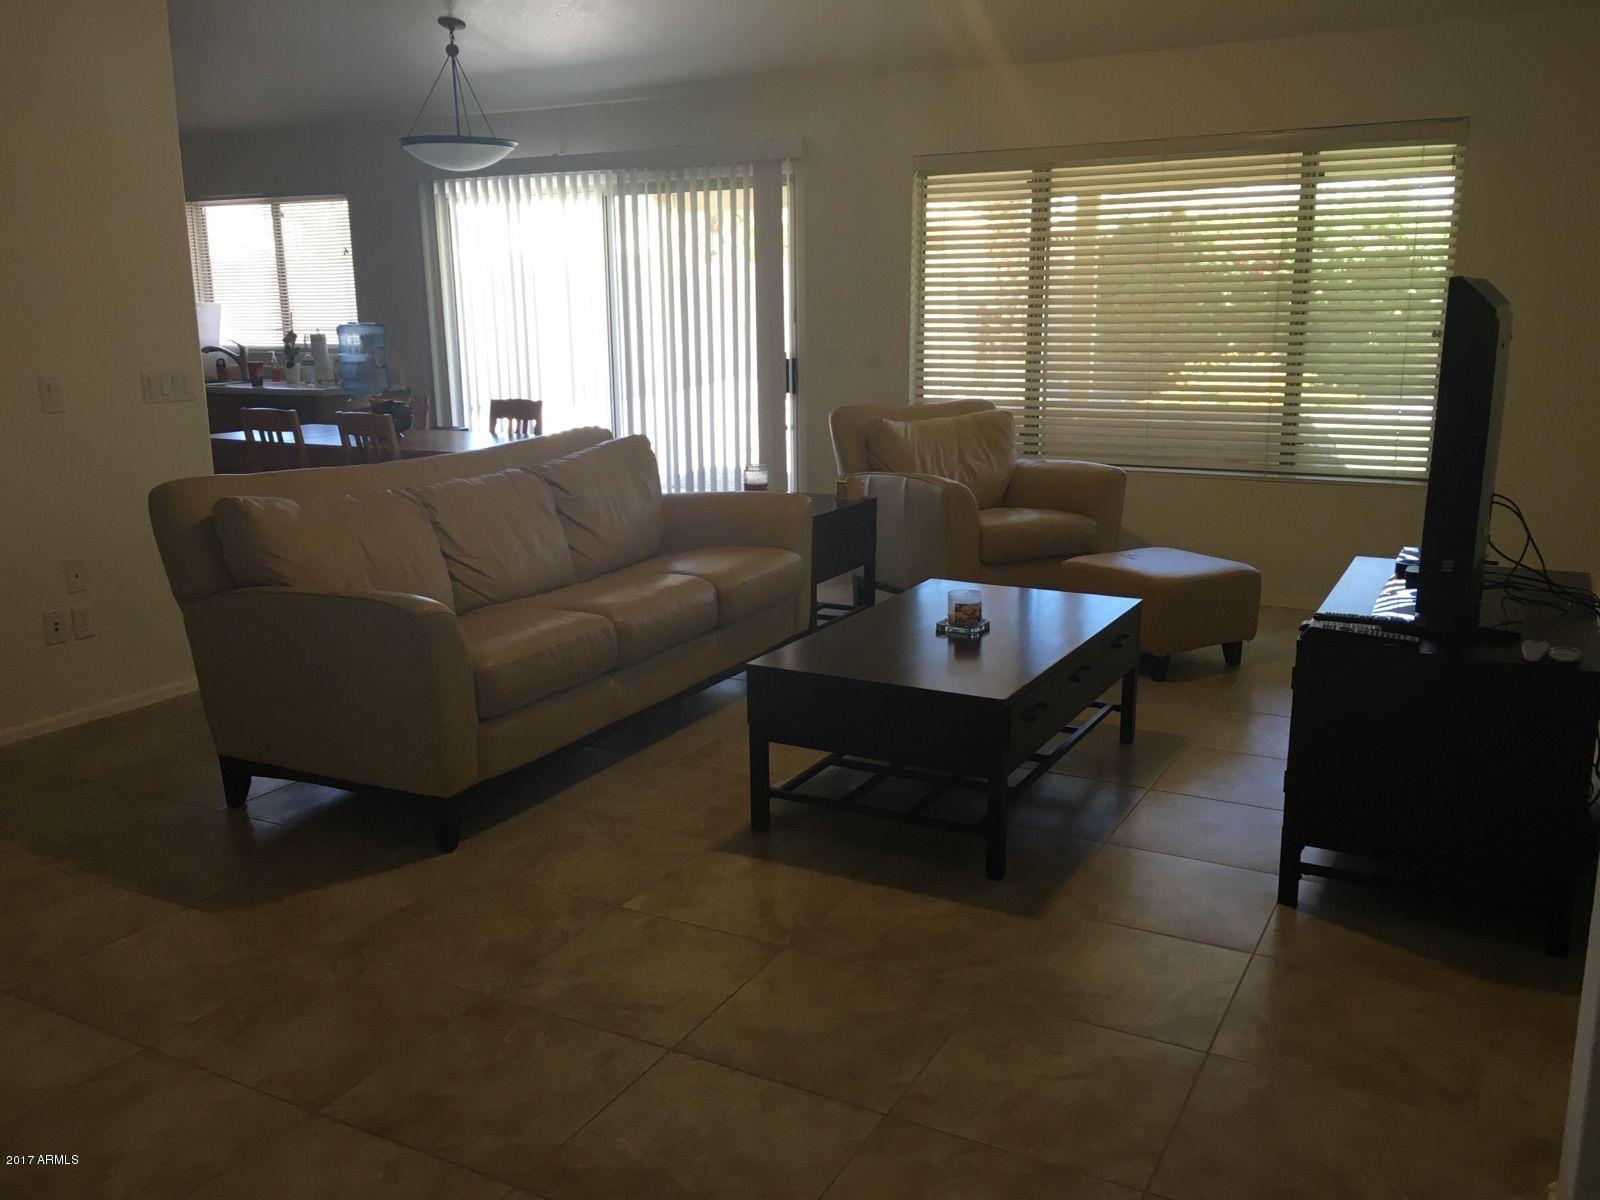 MLS 5685887 1904 W MOCKINGBIRD Drive, Chandler, AZ 85286 Chandler AZ Clemente Ranch